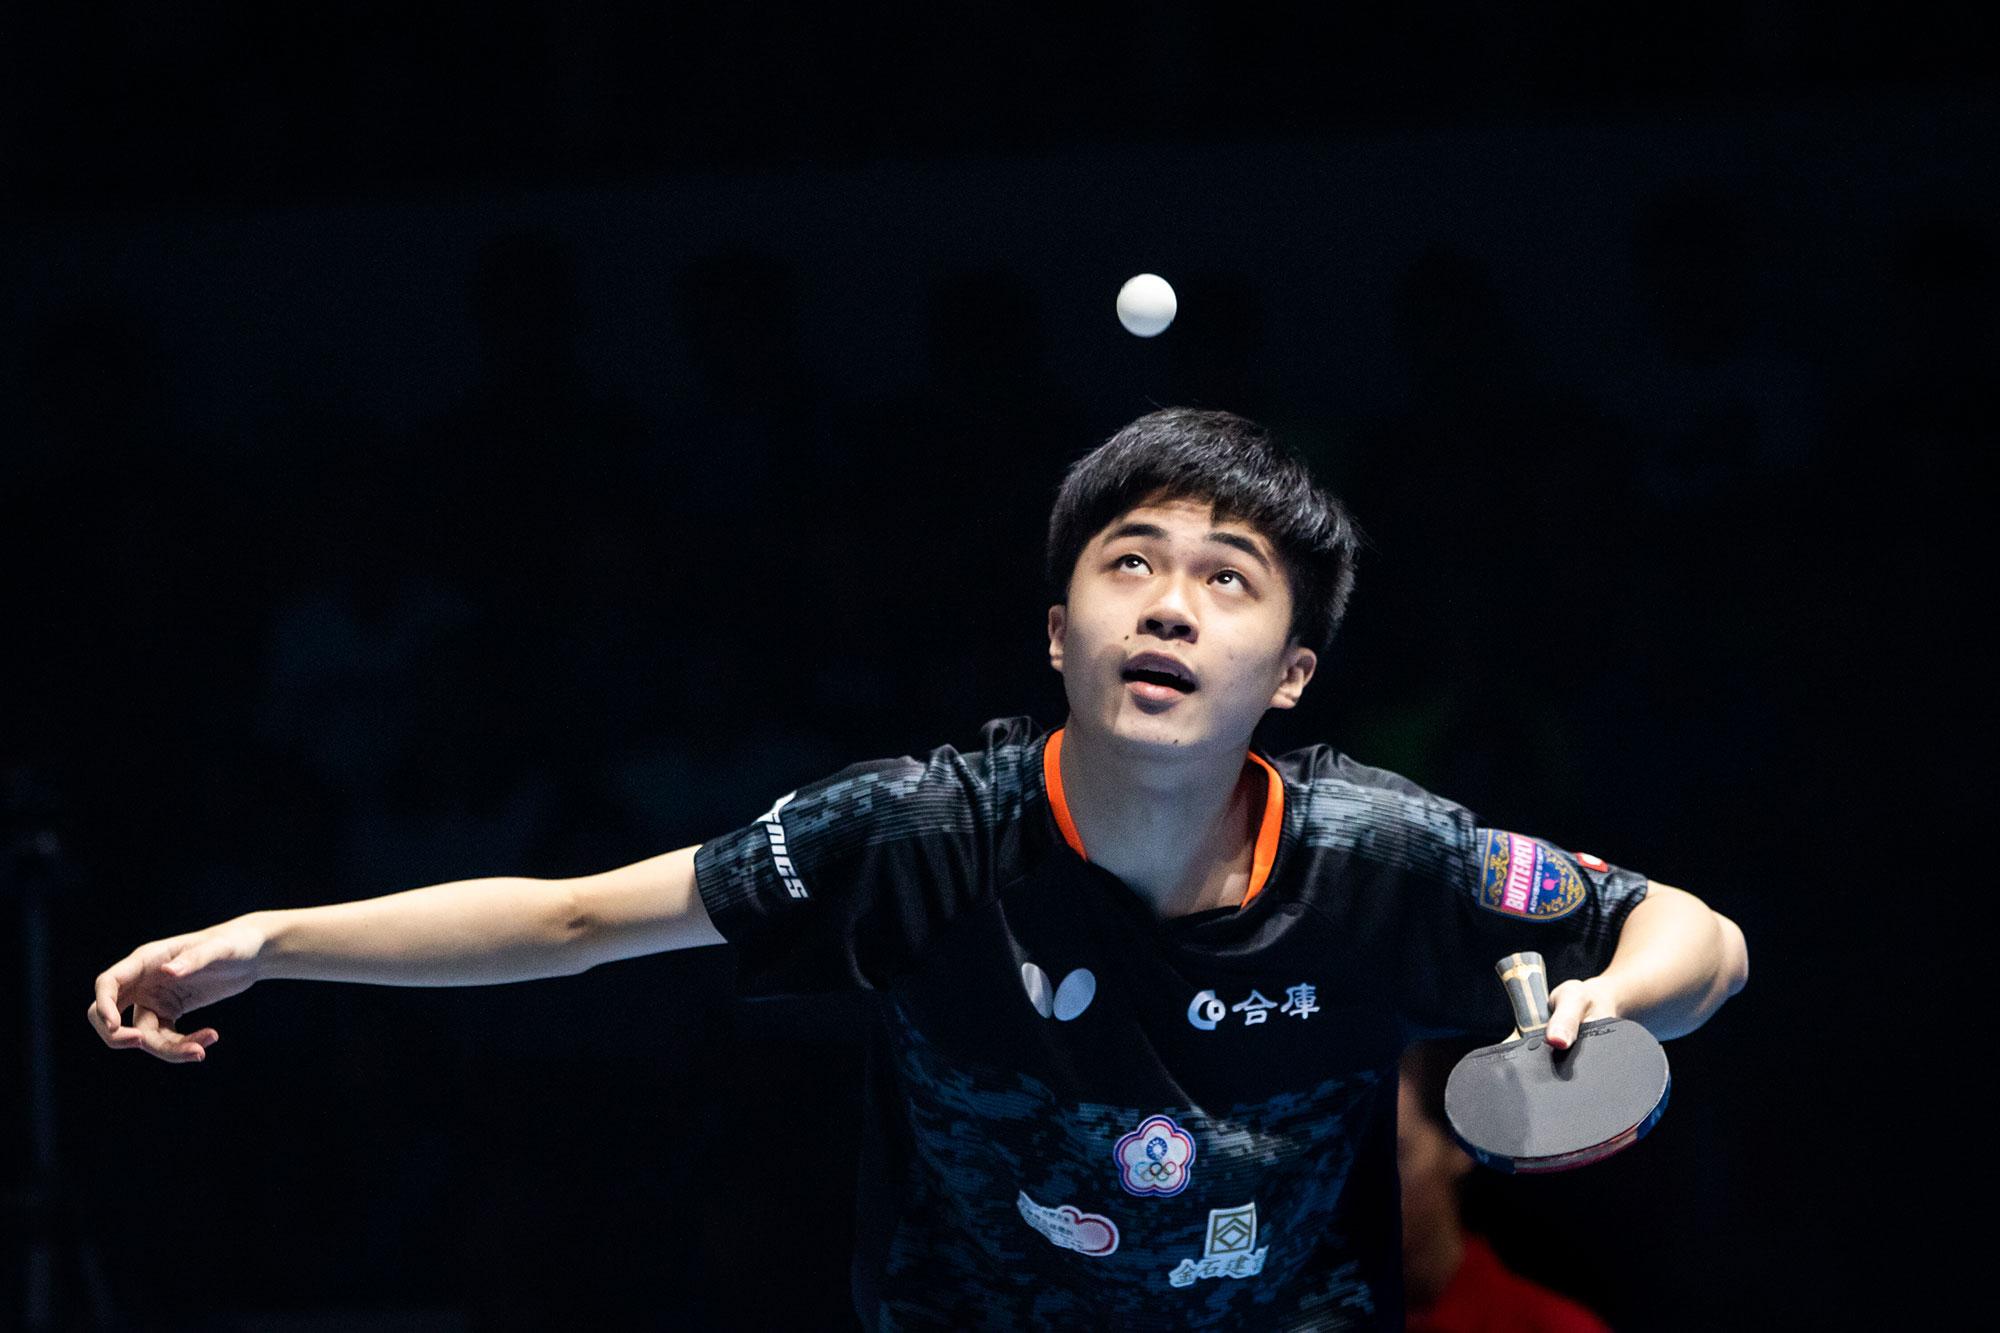 Match26_LINyunju_LINgaoyuan_00145_HIGHRES